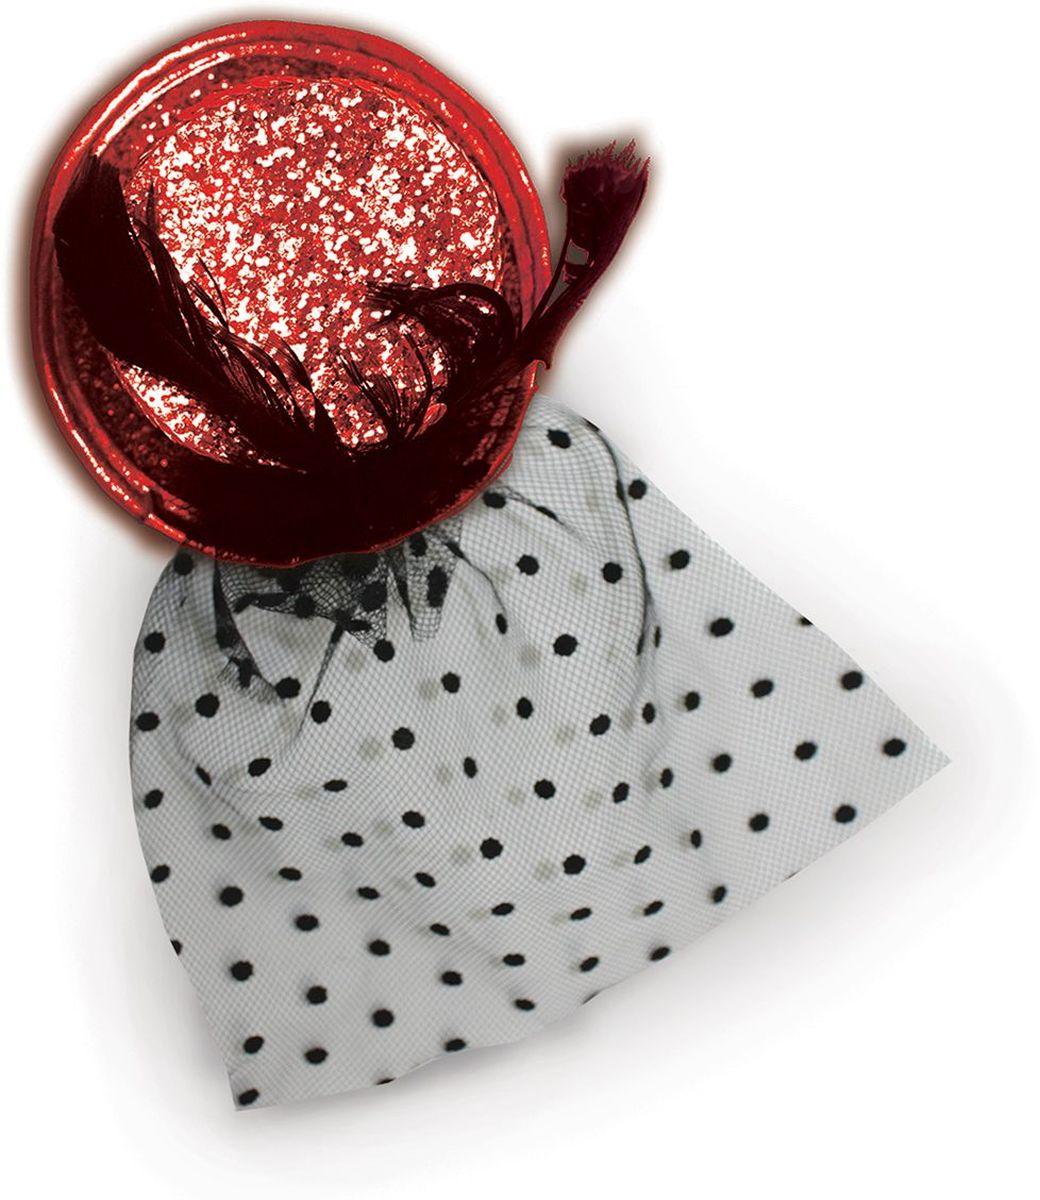 Partymania Шляпка-цилиндр с вуалью 11 см T1226 цвет краснаяT1226_краснаяОригинальная шляпка на резинке удобна в применении и станет прекрасным дополнением Вашего образа на любом празднике. Цвета: золотой, серебряный, красный, черный. Диаметр: 11 см.